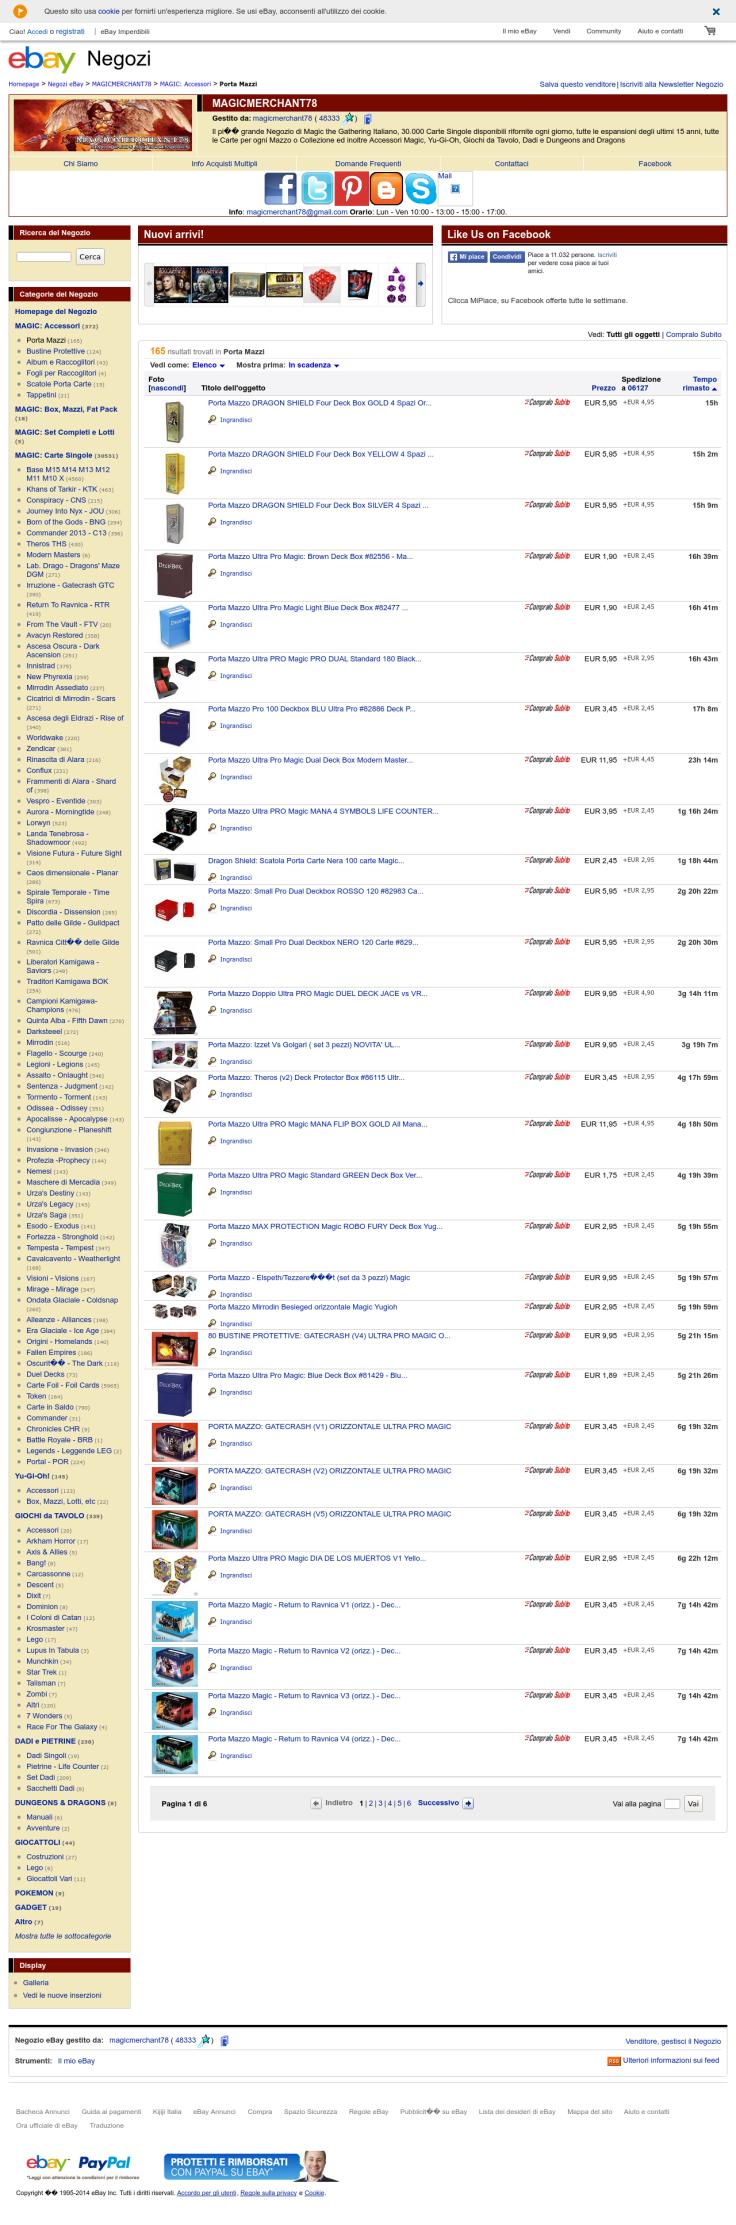 Website'http%3A%2F%2Fstores.ebay.it%2FMAGICMERCHANT78%2FPorta-Mazzi-%2F_i.html%3F_fsub%3D1446350017%26_sid%3D94770337%26_trksid%3Dp4634.c0.m322' snapped on Page2images!